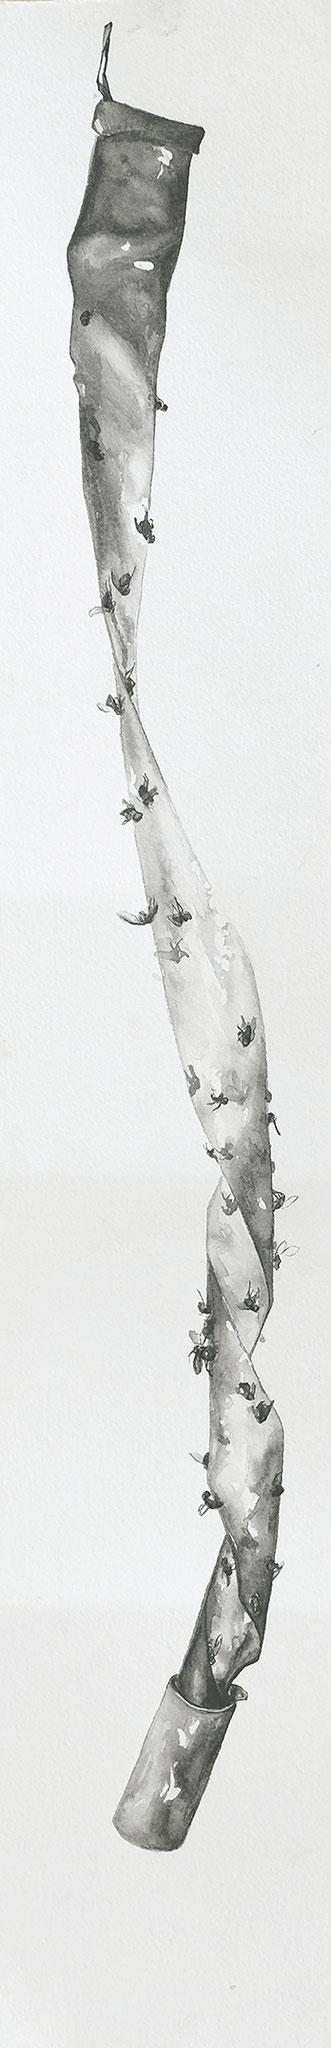 temps-mort - jan17 - encre de chine sur papier Arches, 14x76cm